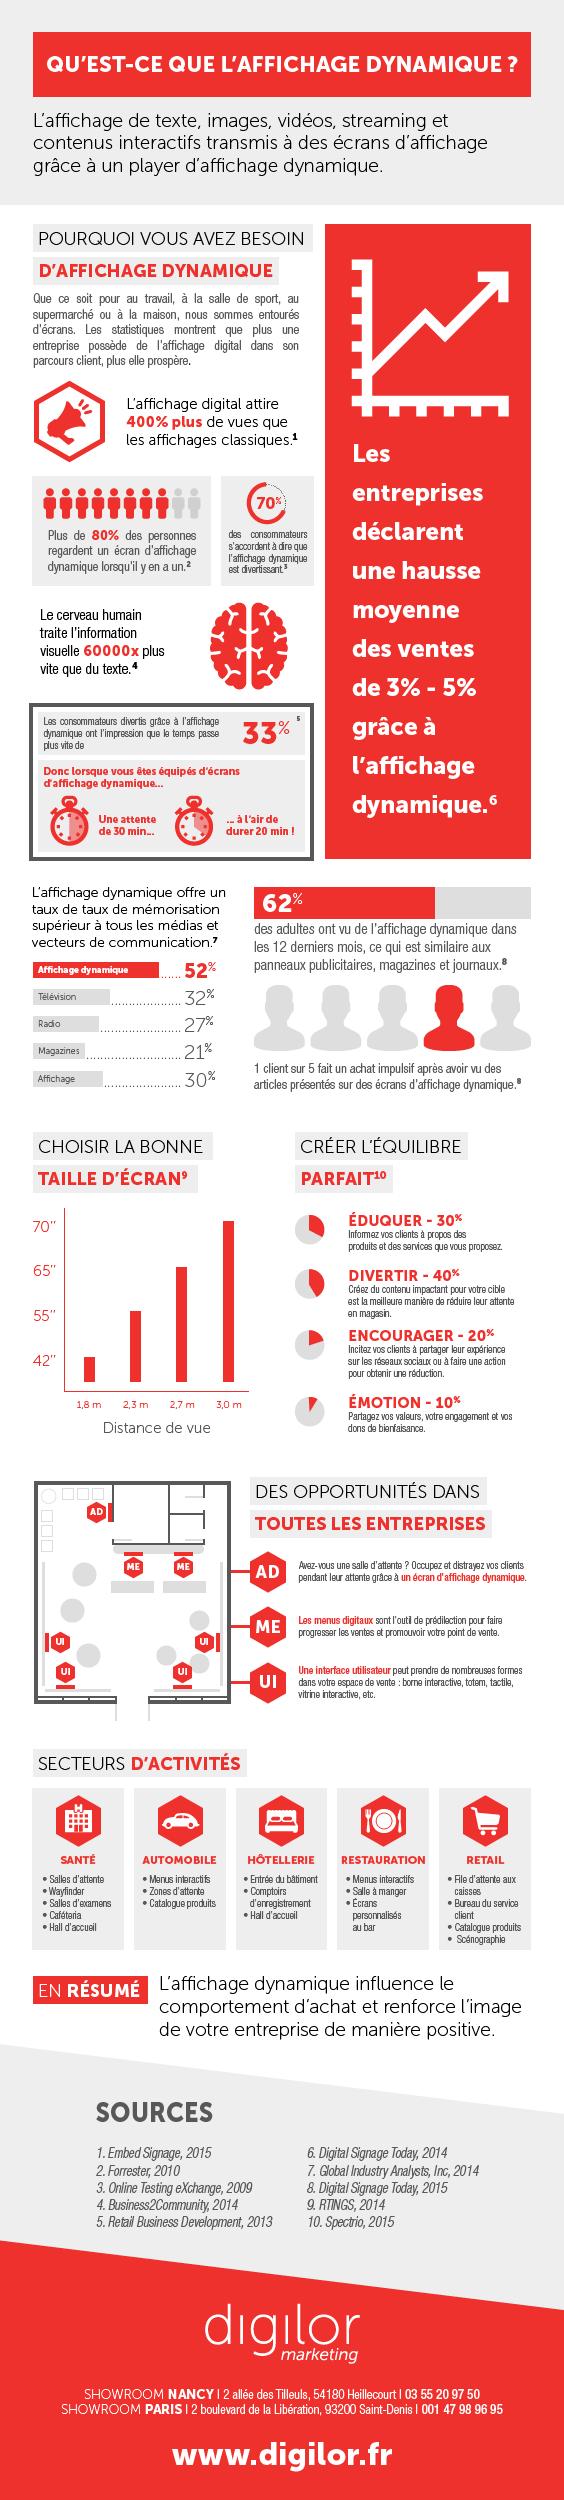 Infographie explication affichage dynamique